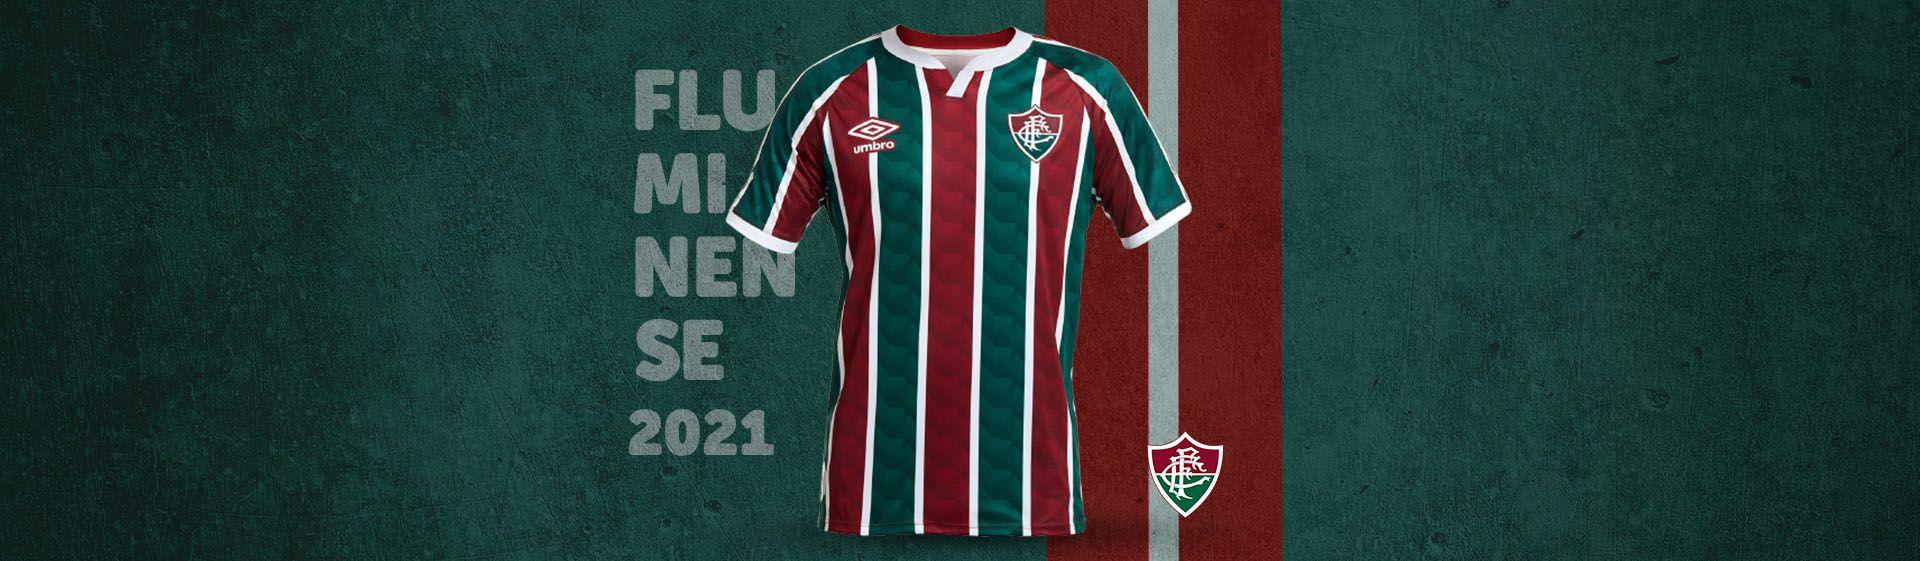 Camisa do Fluminense: camisas do Fluminense para comprar em 2021